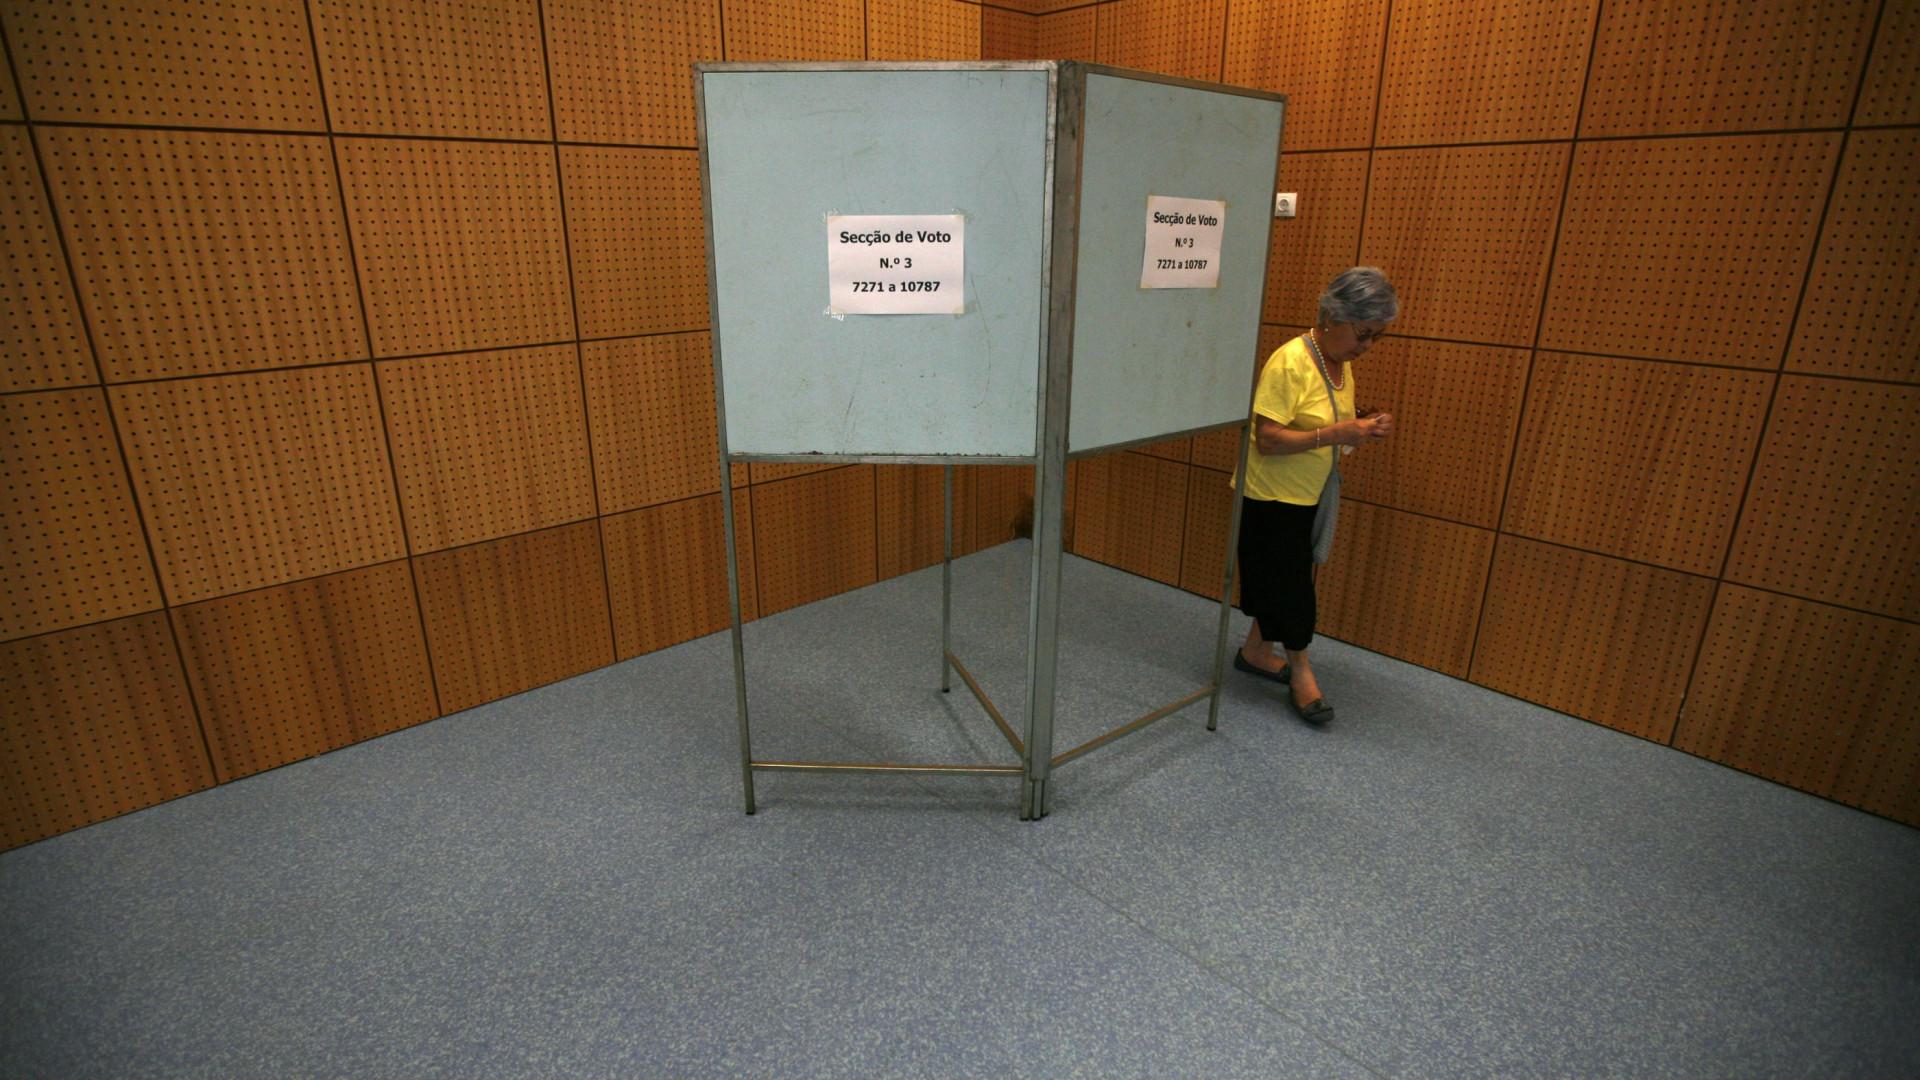 Ida às urnas (ainda) distante. O mesmo não se pode dizer das polémicas